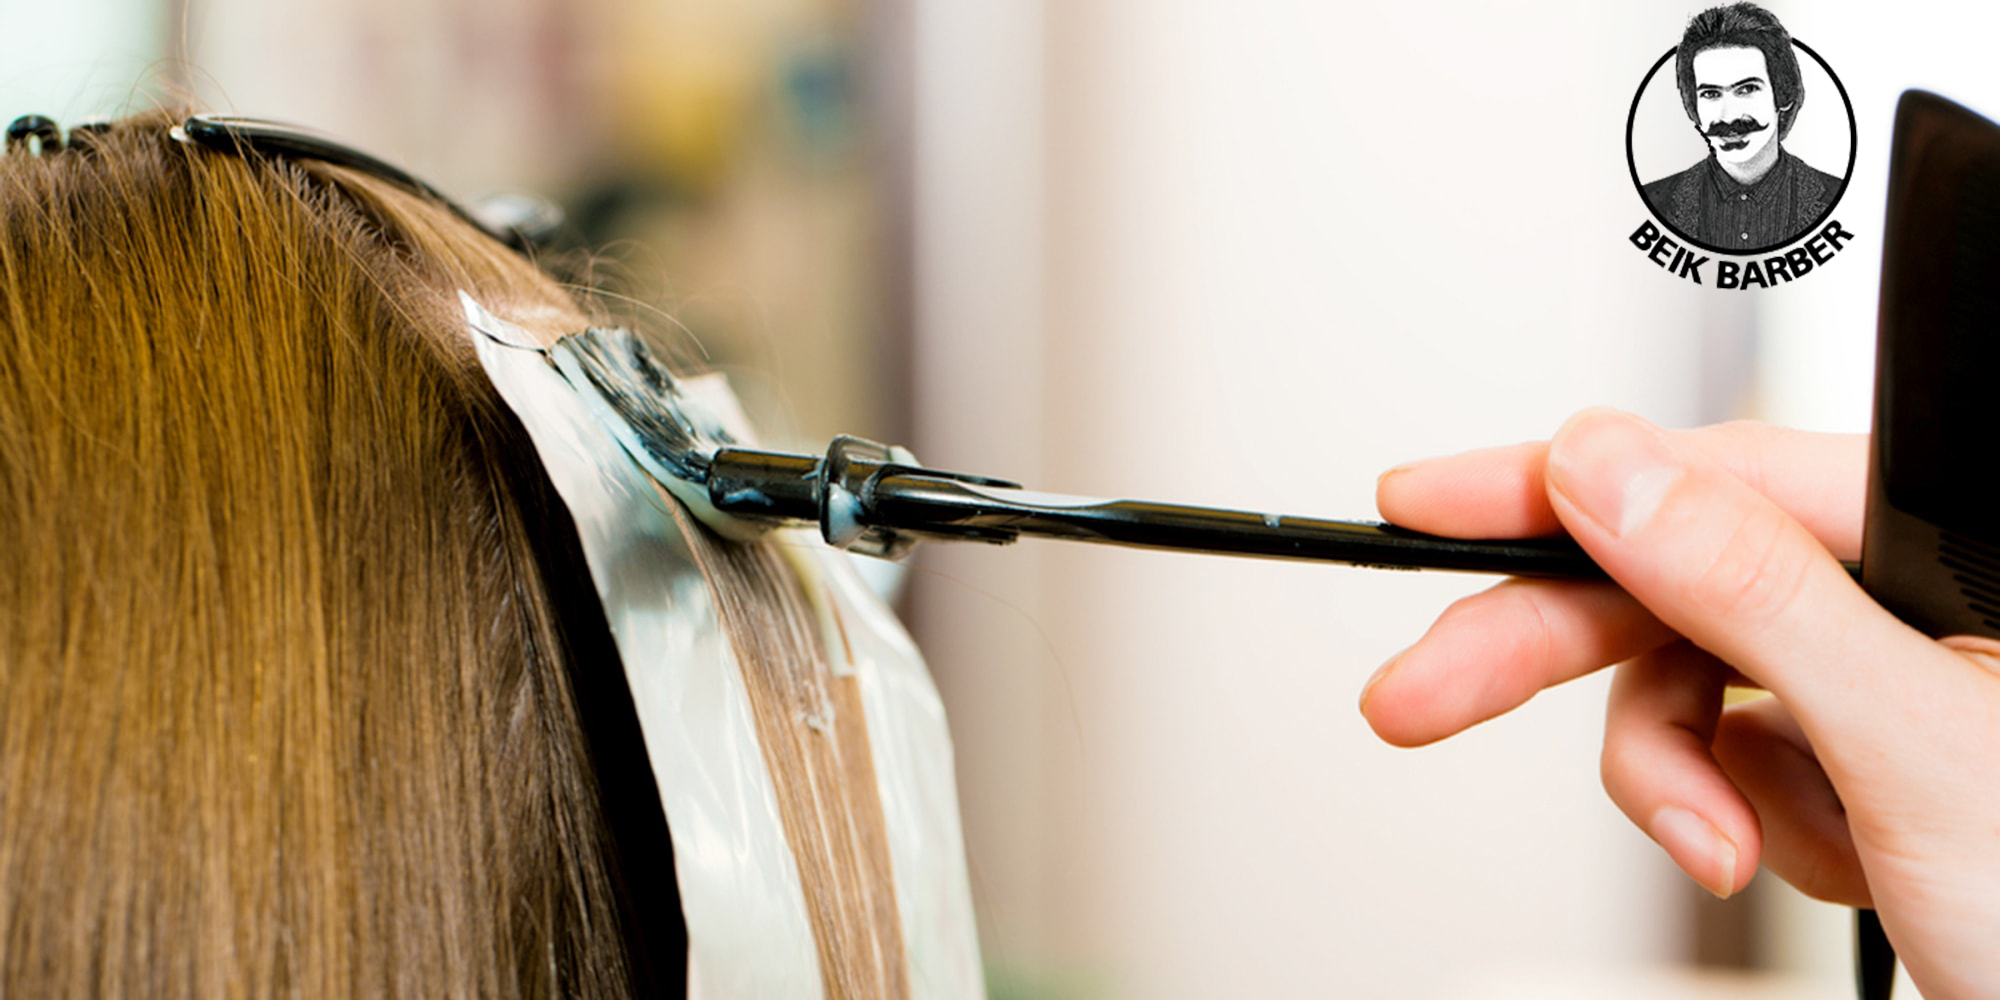 تست حساسیت پوست سر قبل از رنگ آمیزی